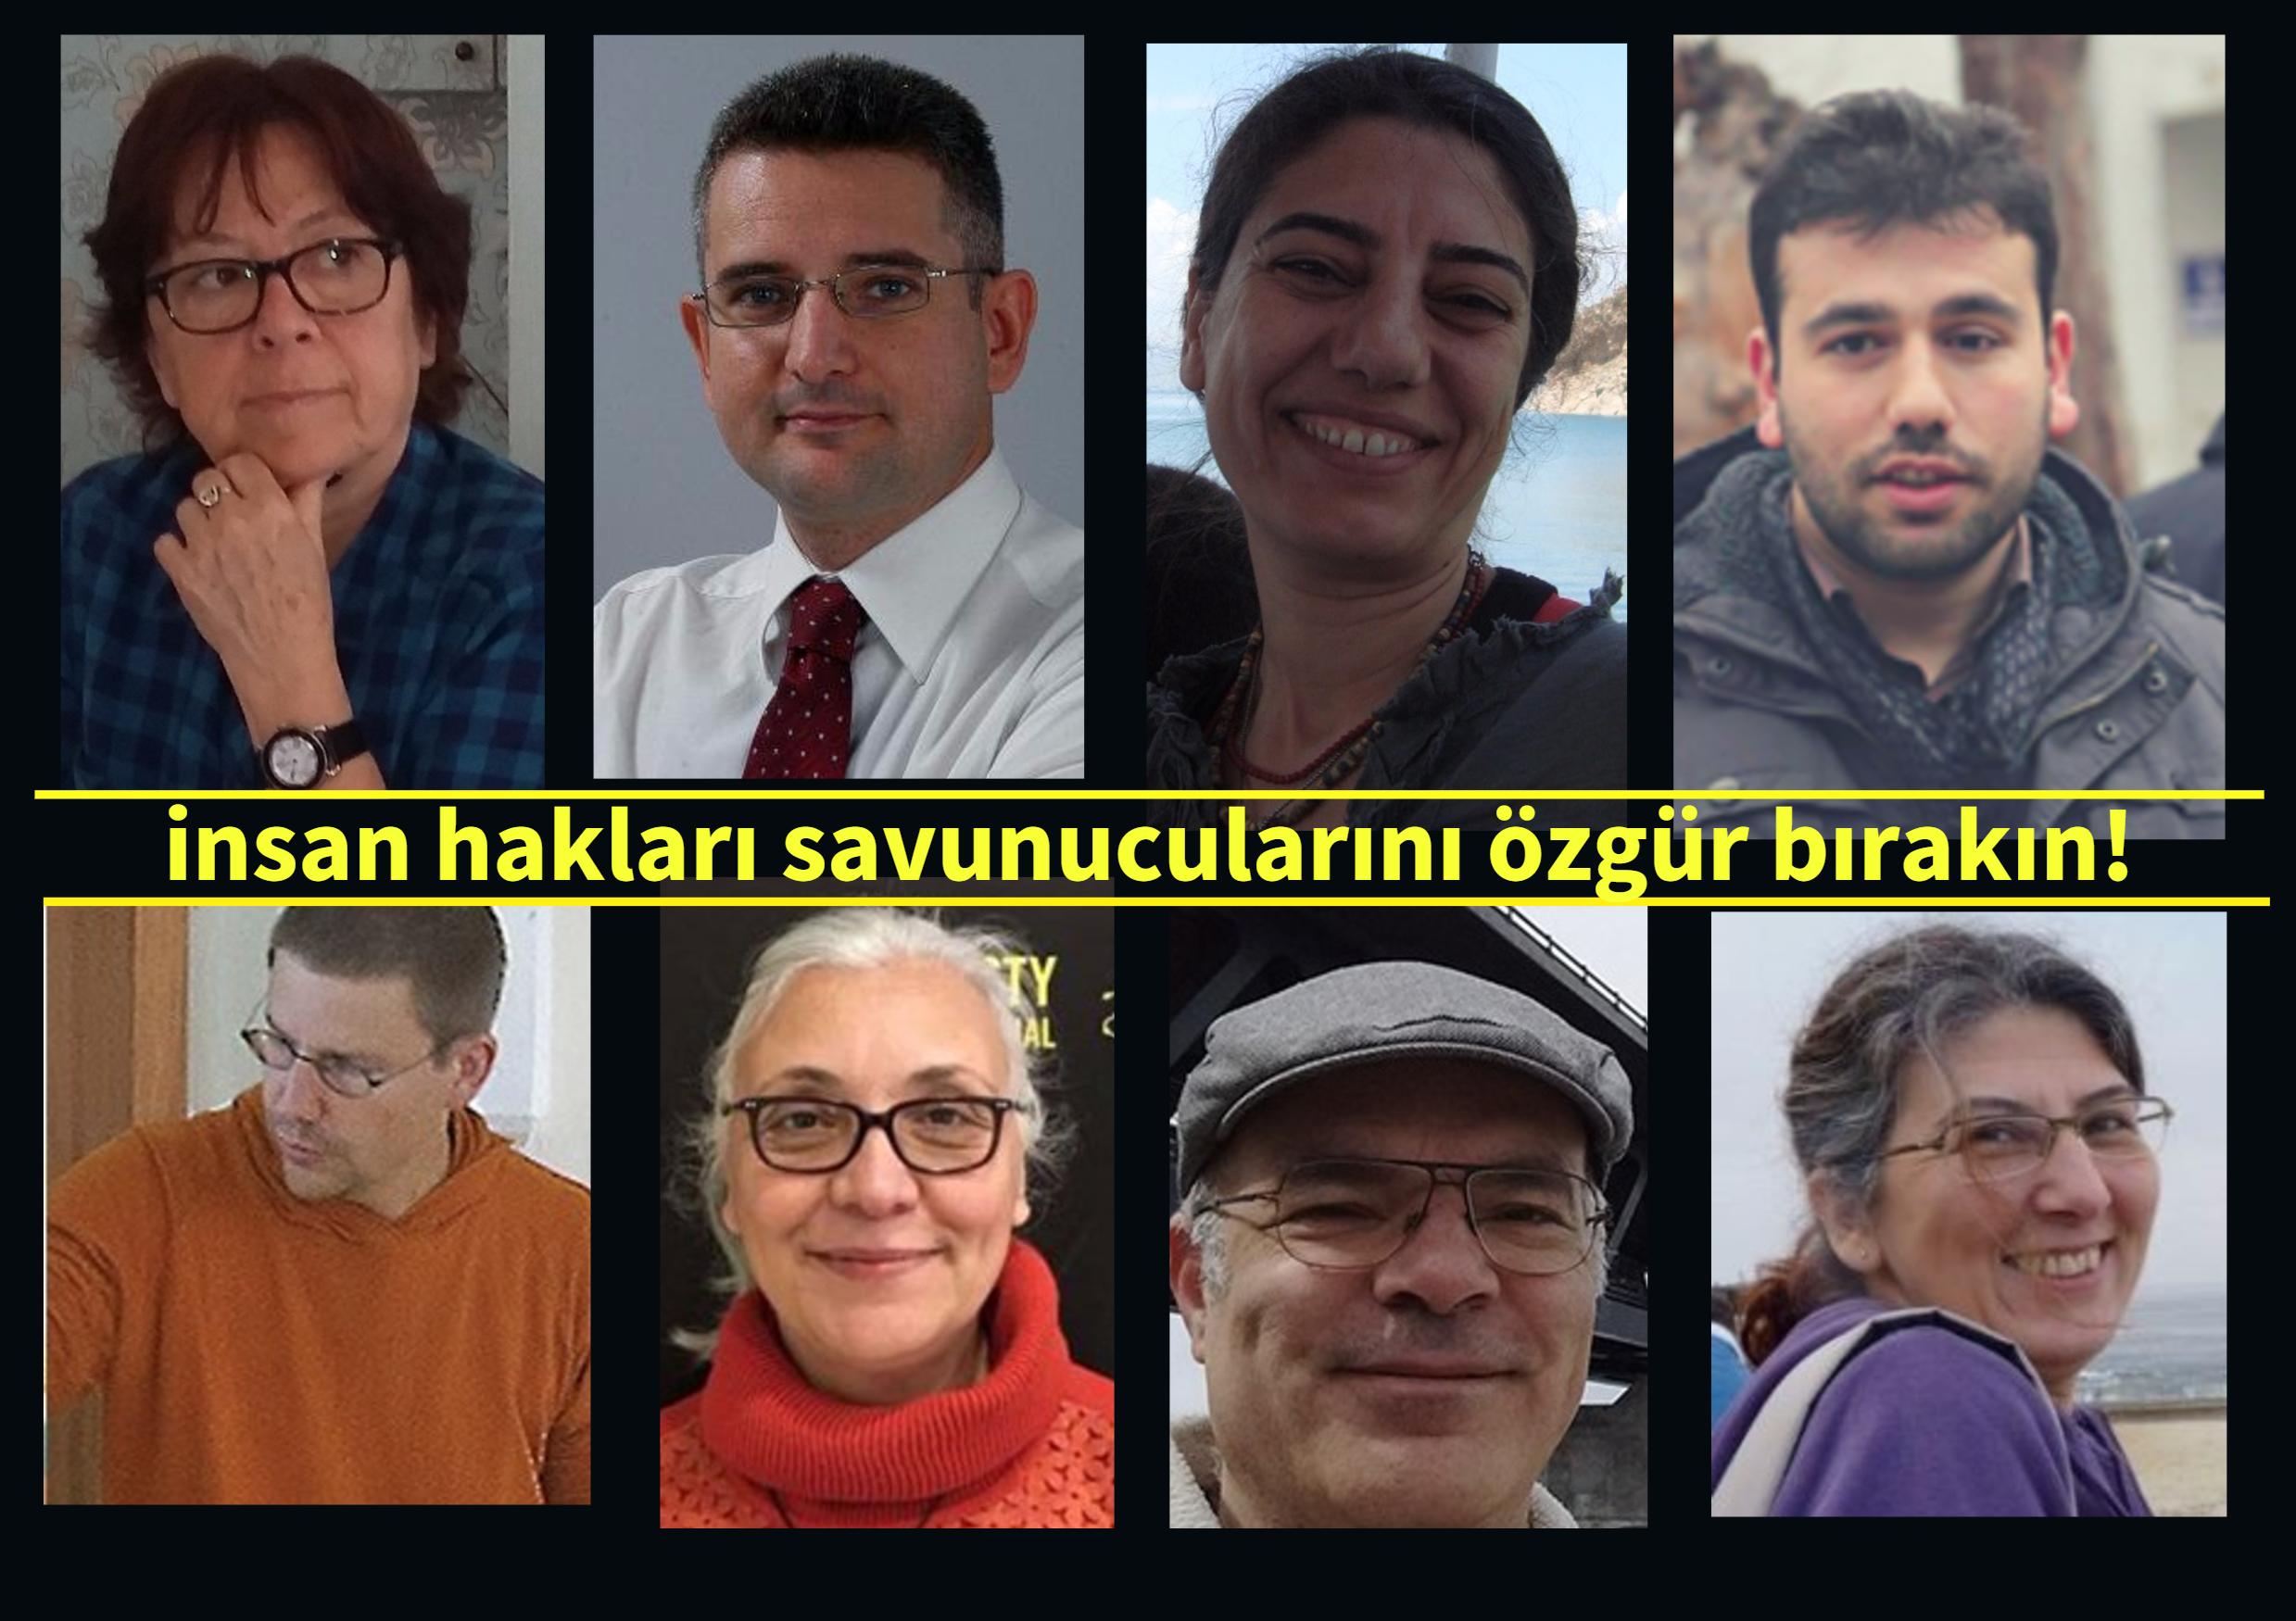 İnsan Hakları Savunucularına Yönelik Keyfi Tutuklamaya Son Verin!